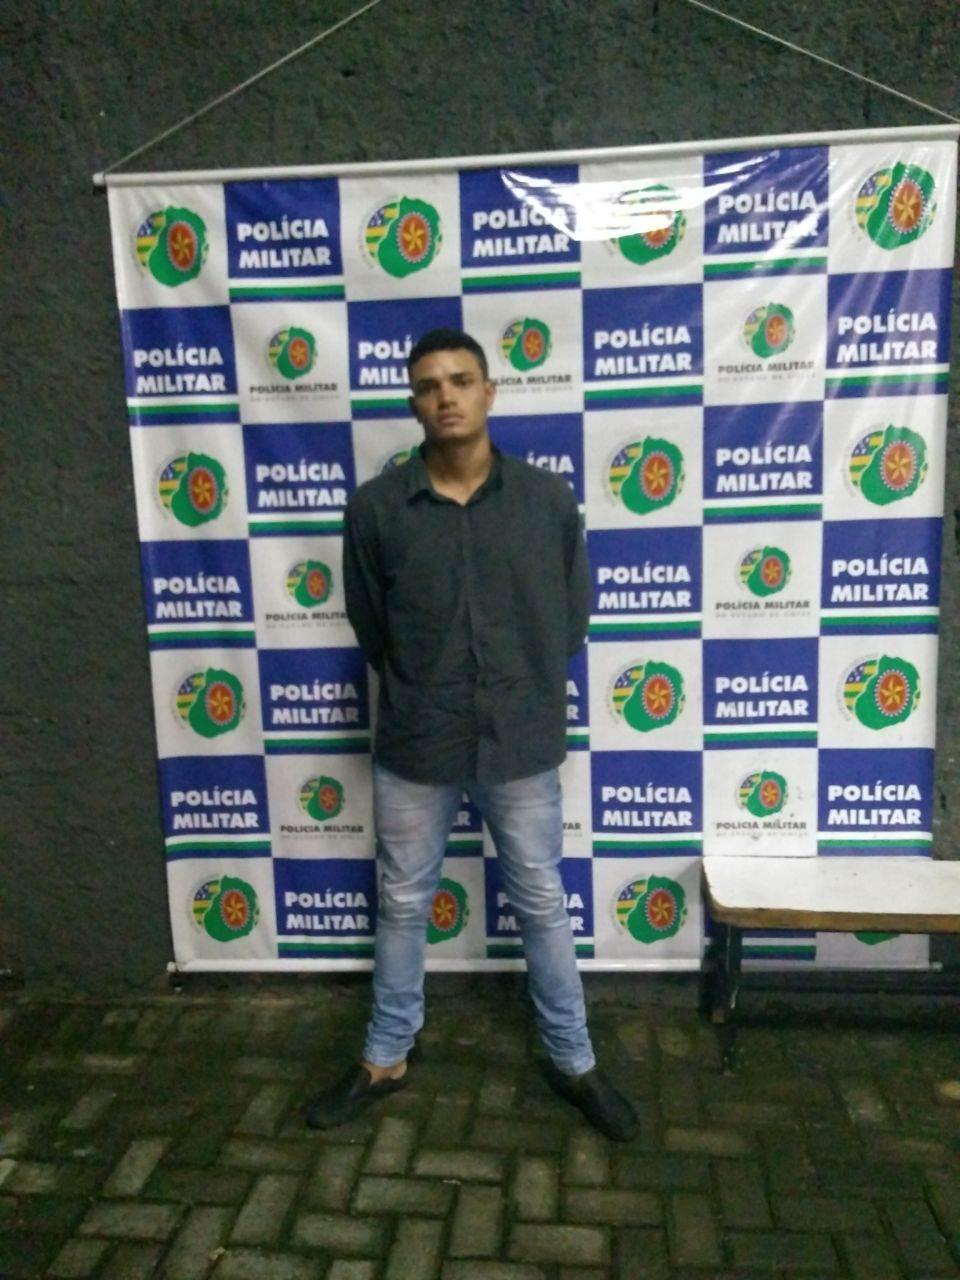 Wallace Pereira dos Santos foi preso pela PM tendo em sua posse 13 aparelhos celulares das marcas Motorola, LG e iPhone   Foto: Divulgação/ PM